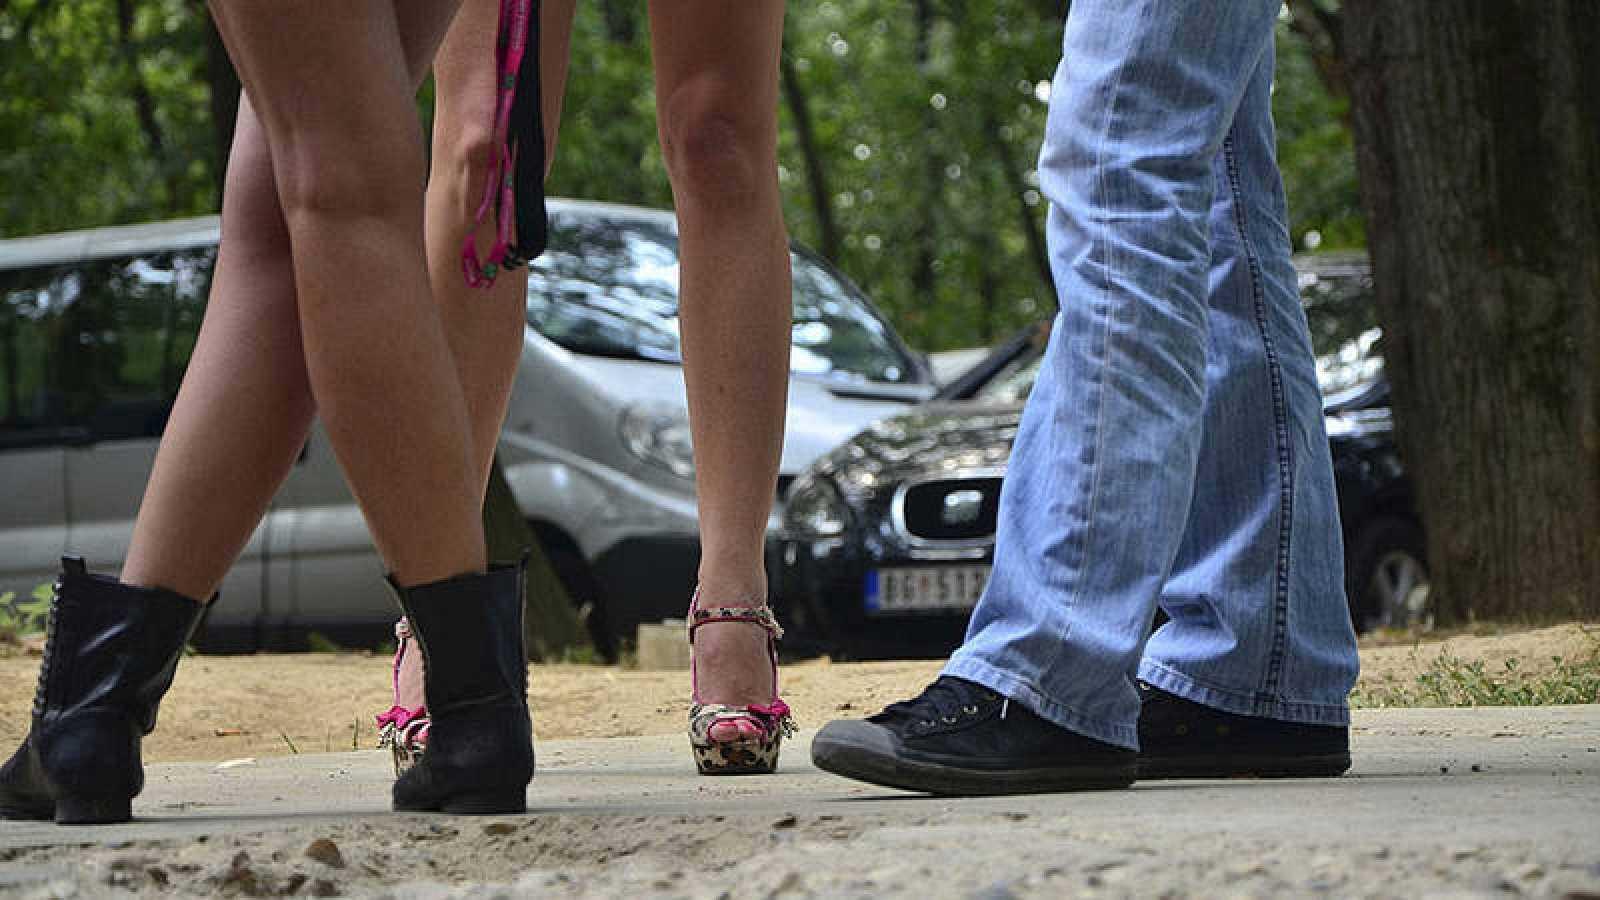 Un cliente habla con dos prostitutas en la calle. THINKSTOCK